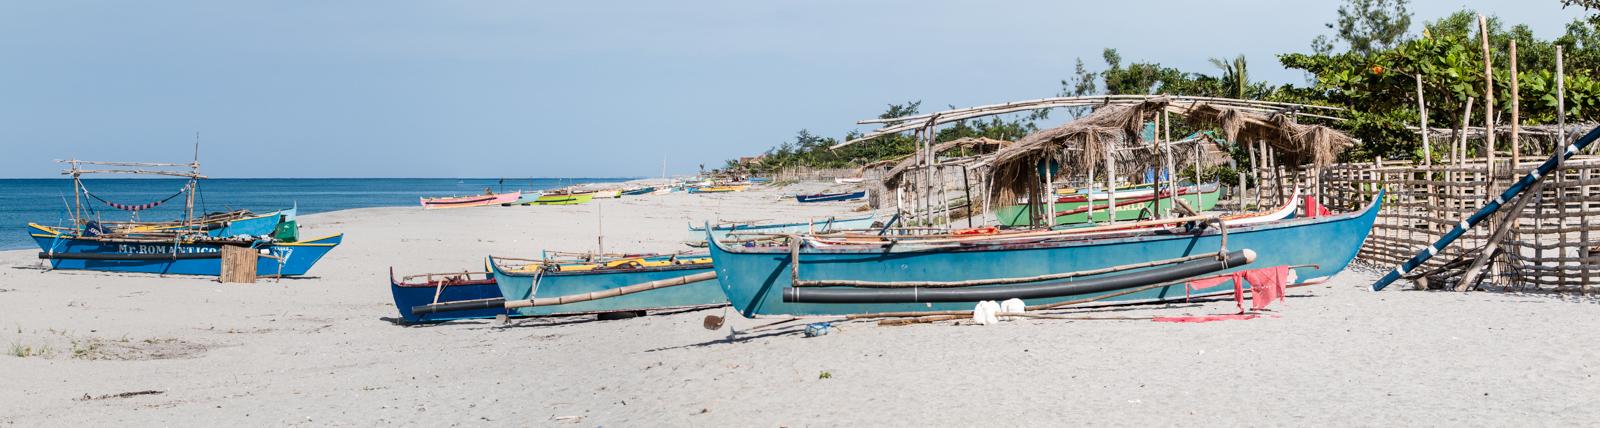 Fishing boats - Laoag, Zambales, Philippines